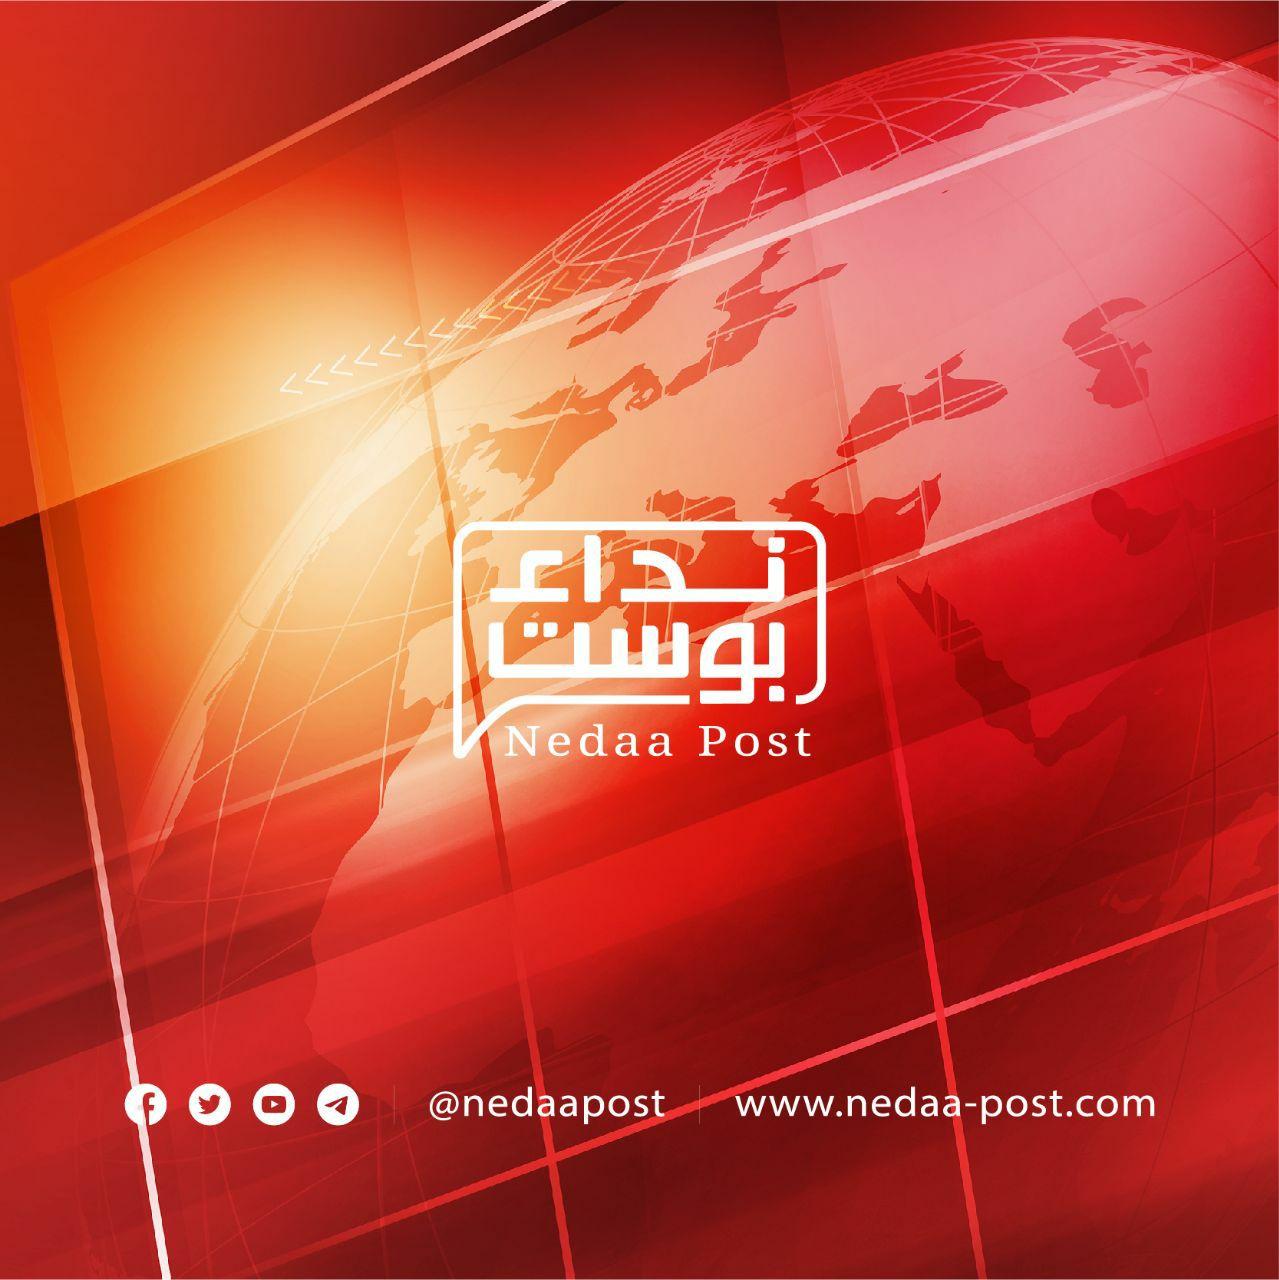 عاجل || استهداف منطقة مطار التيفور جنوب تدمر، بغارات صاروخية مصدرها قاعدة #التنف على الحدود السورية الاردنية